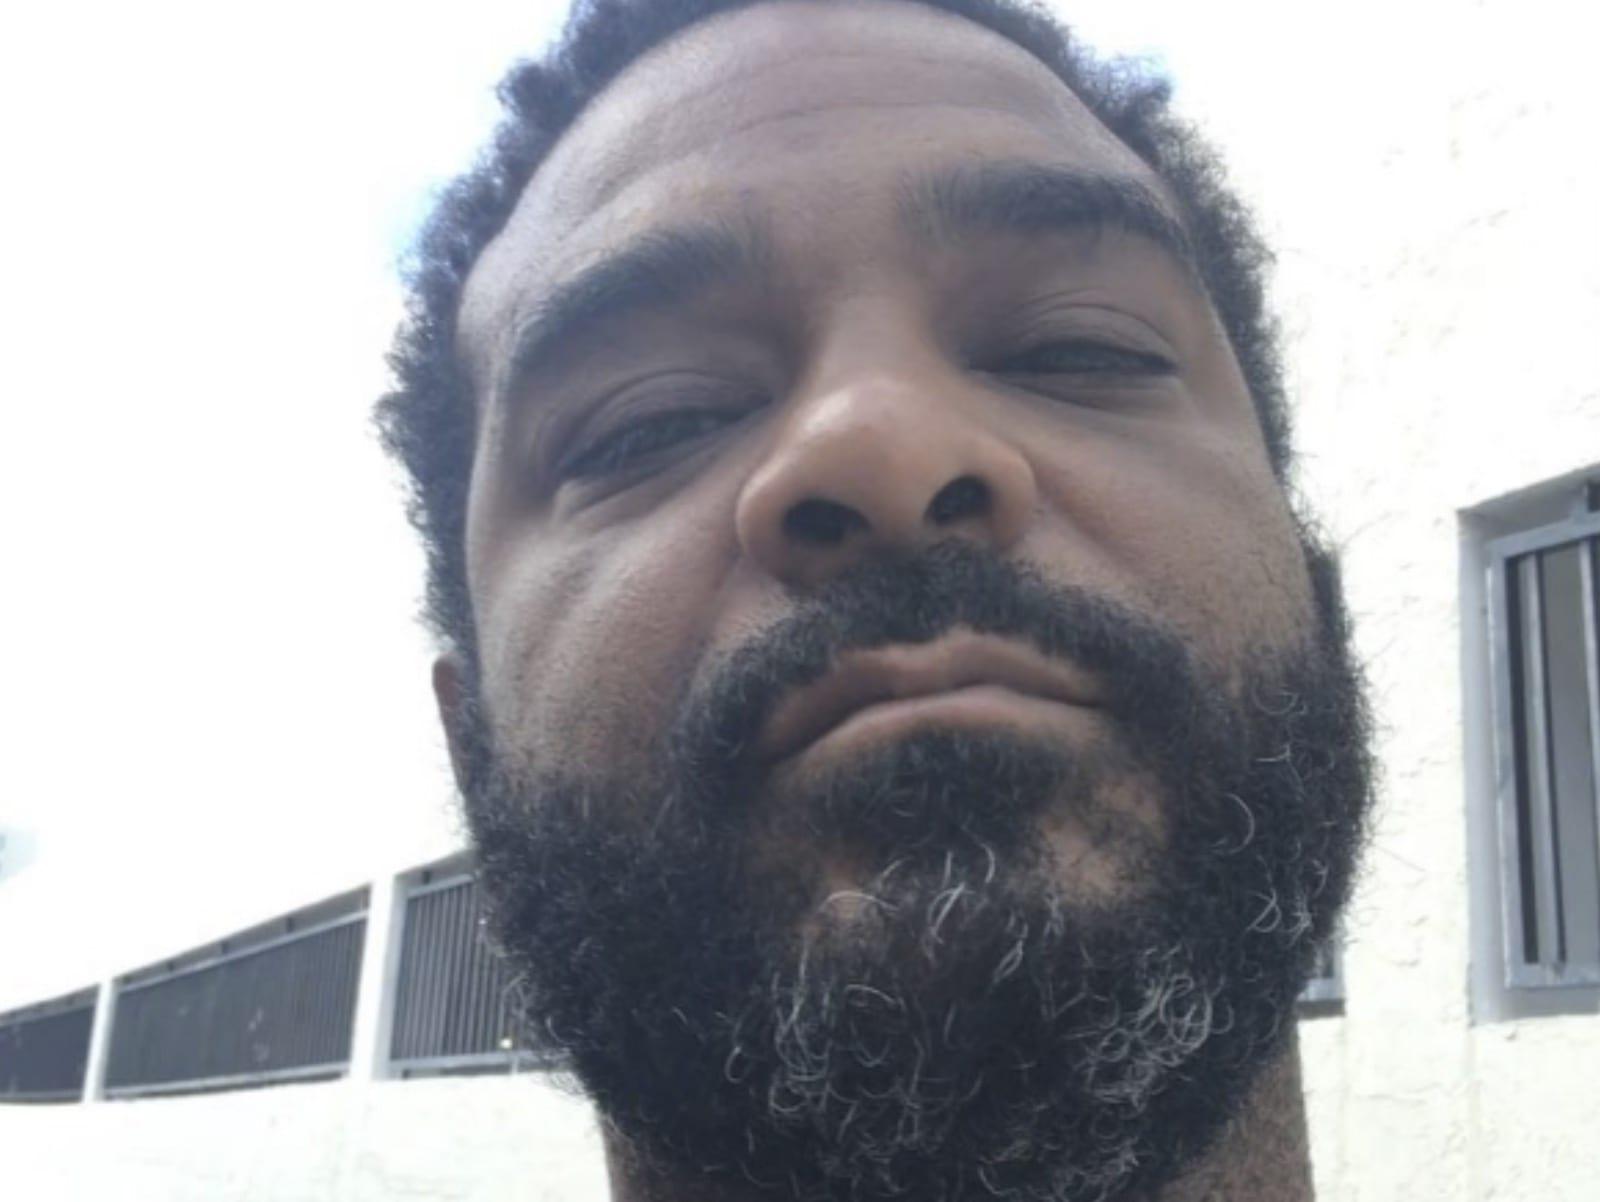 Jim Jones Selfie Pic Beard Gang